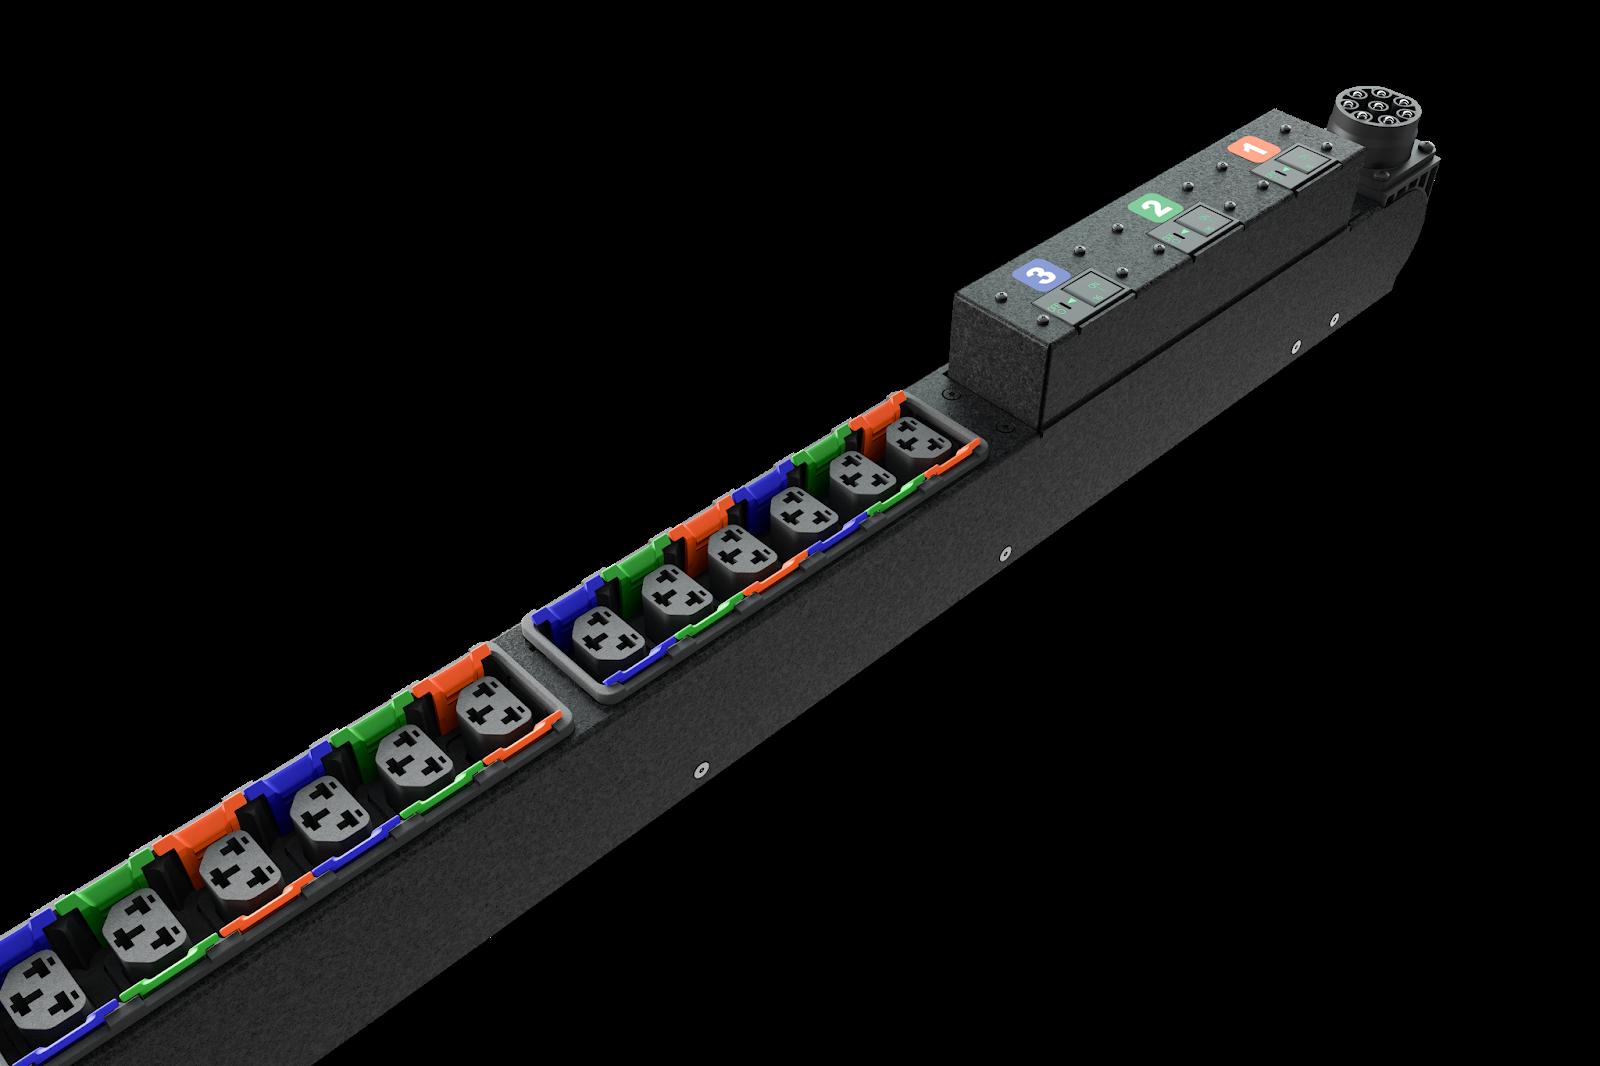 Vertiv combina los tomacorrientes C13 y C19 en uno solo y además son compatibles con los enchufes tipo C14 y C20